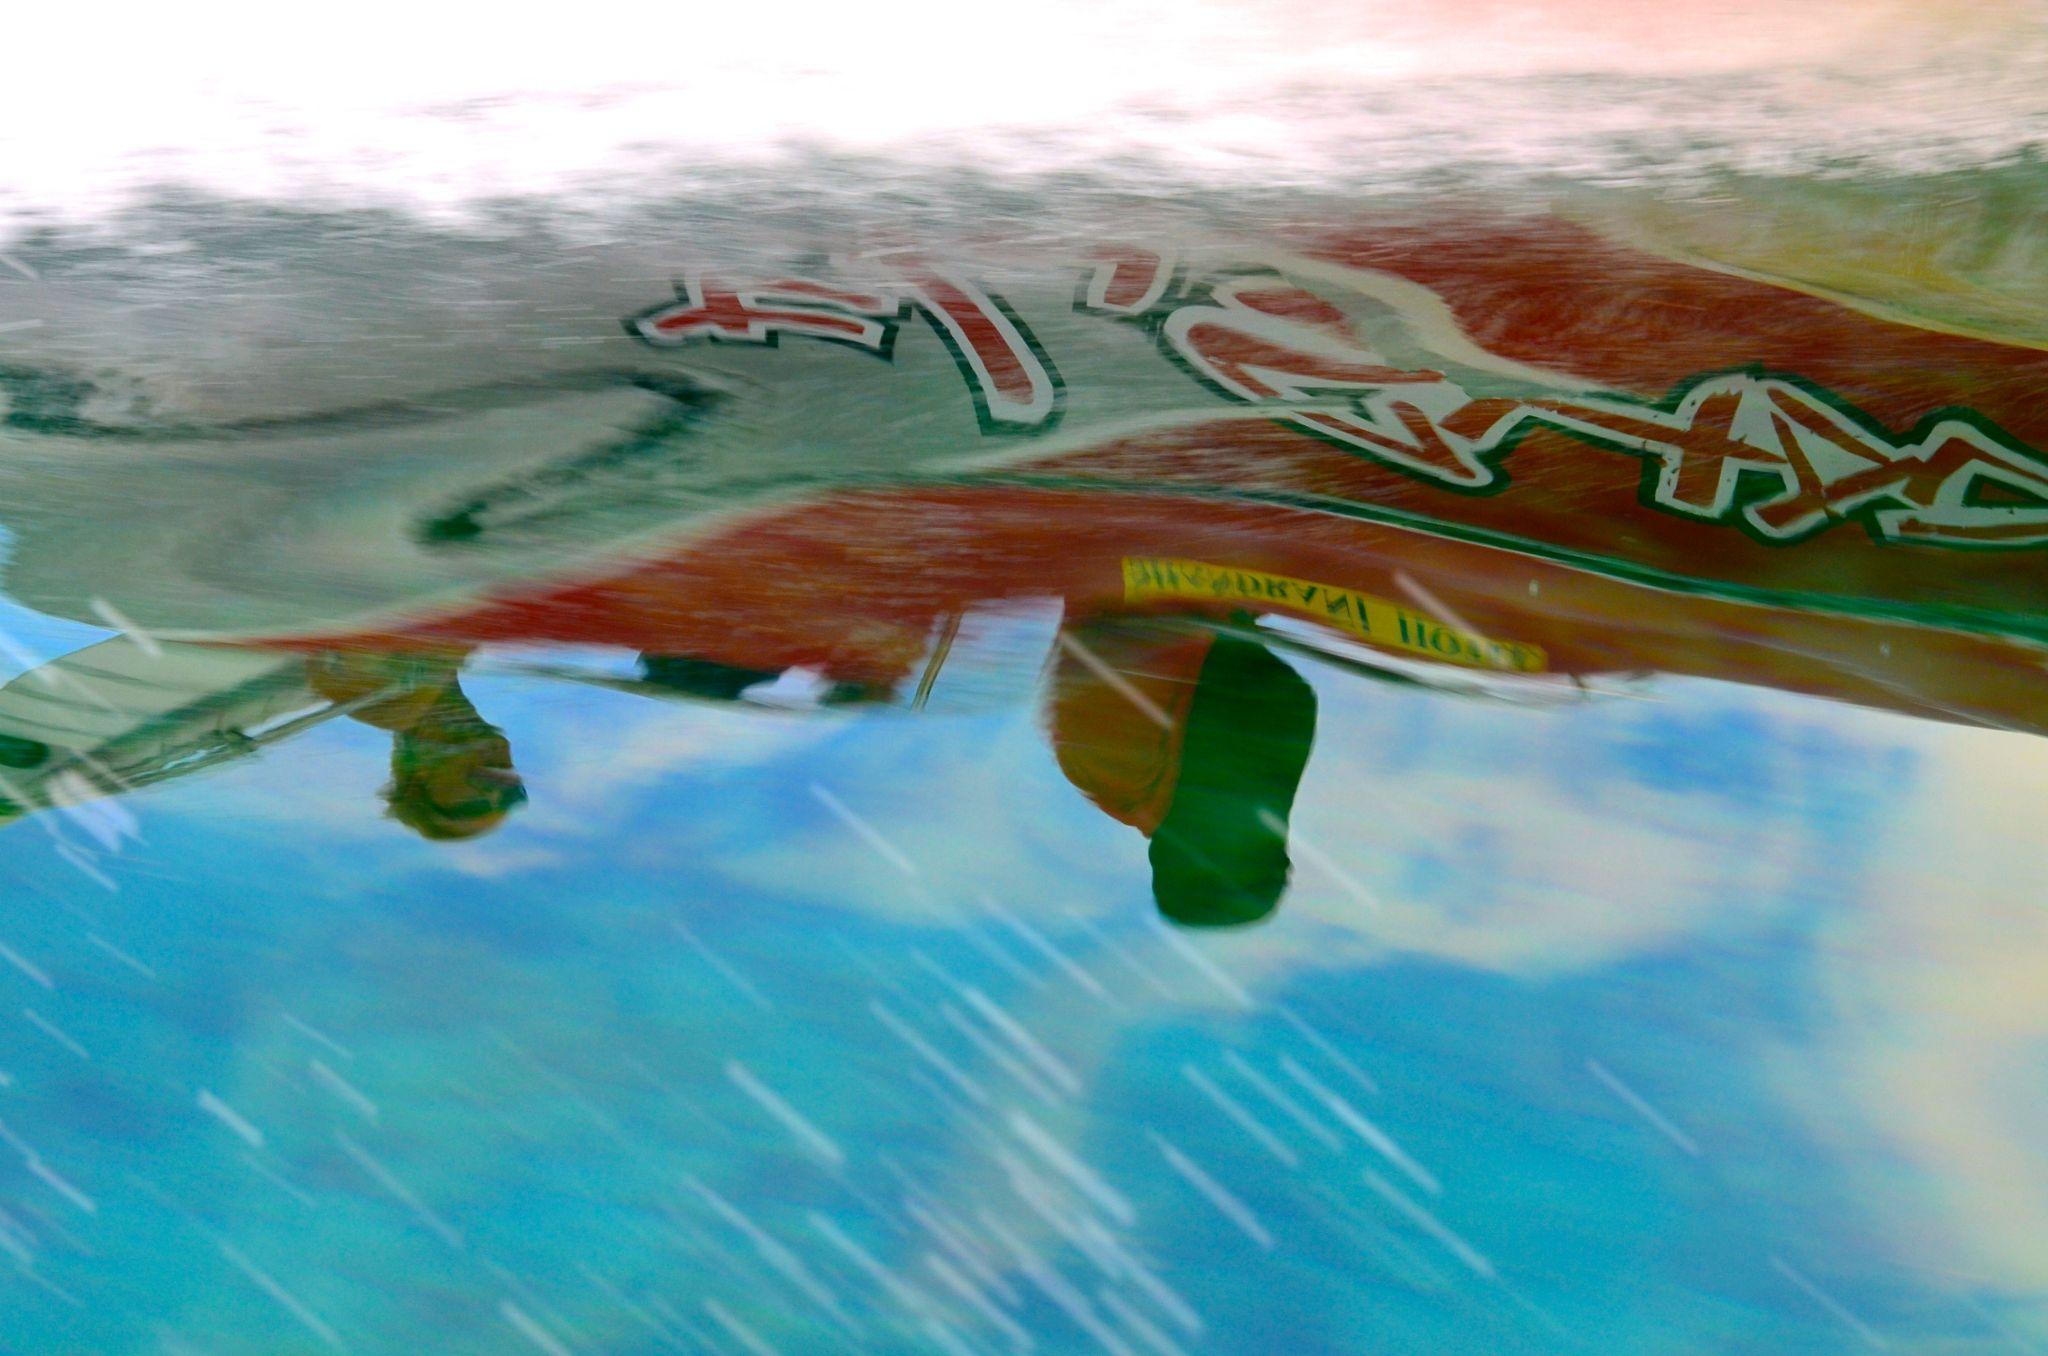 Barca che si specchia nel mare by Giovanni Frenda